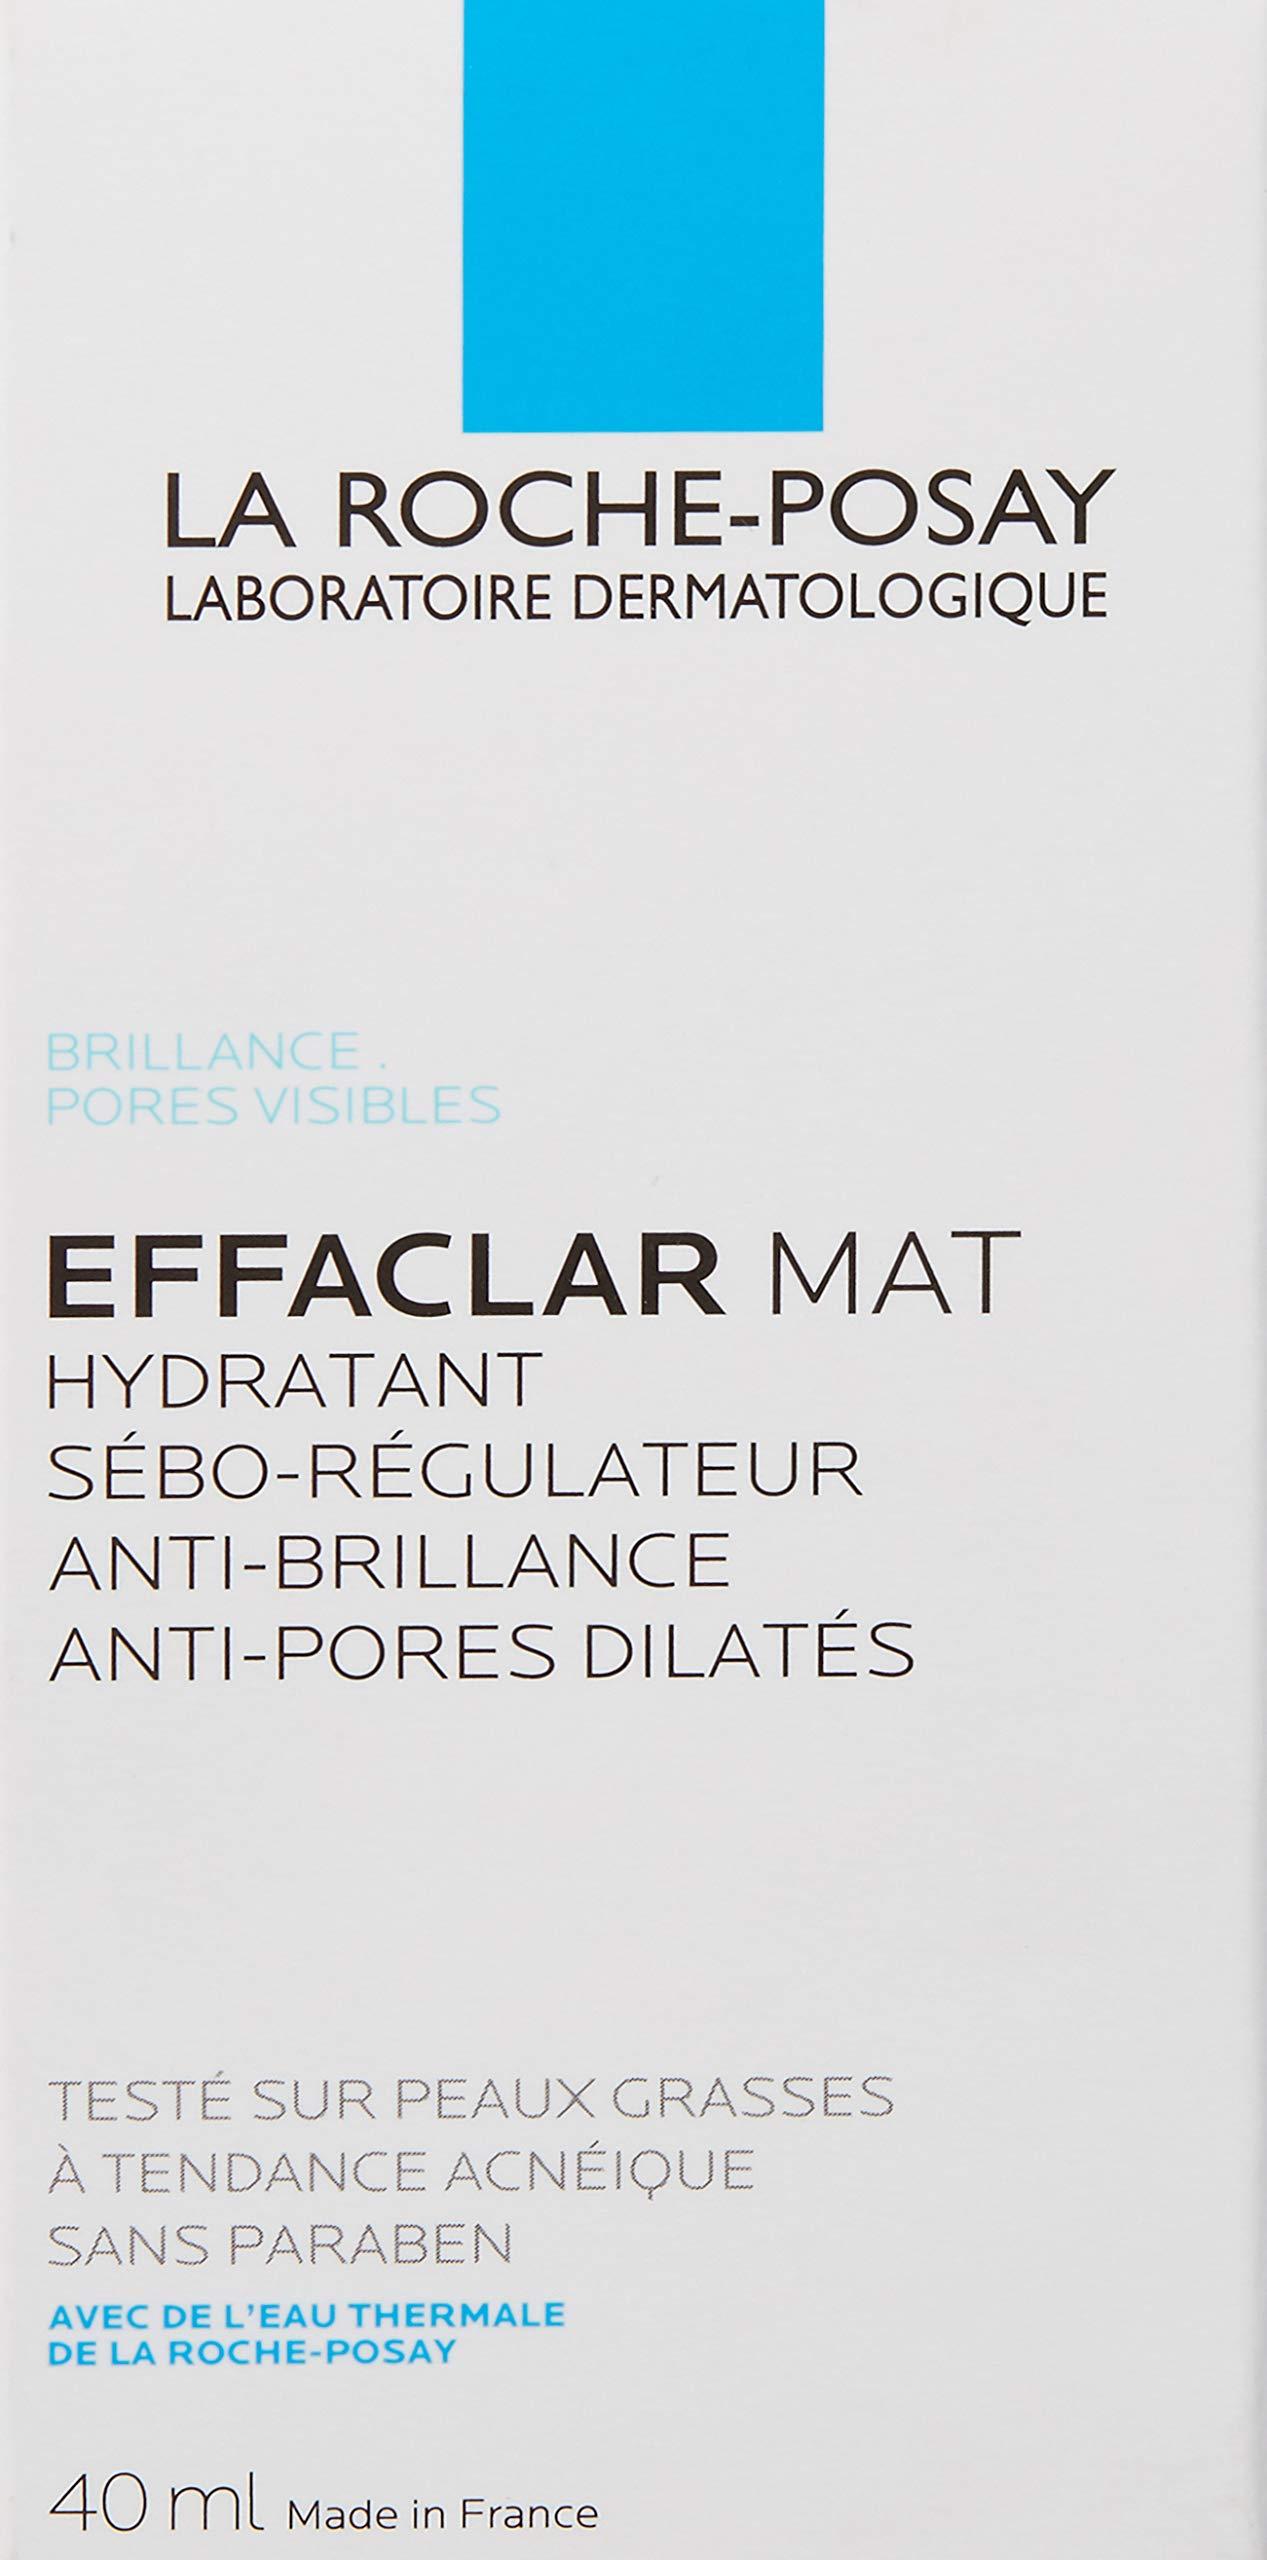 71bv01OP1WL - La Roche Possay EFFACLAR MAT 40ml